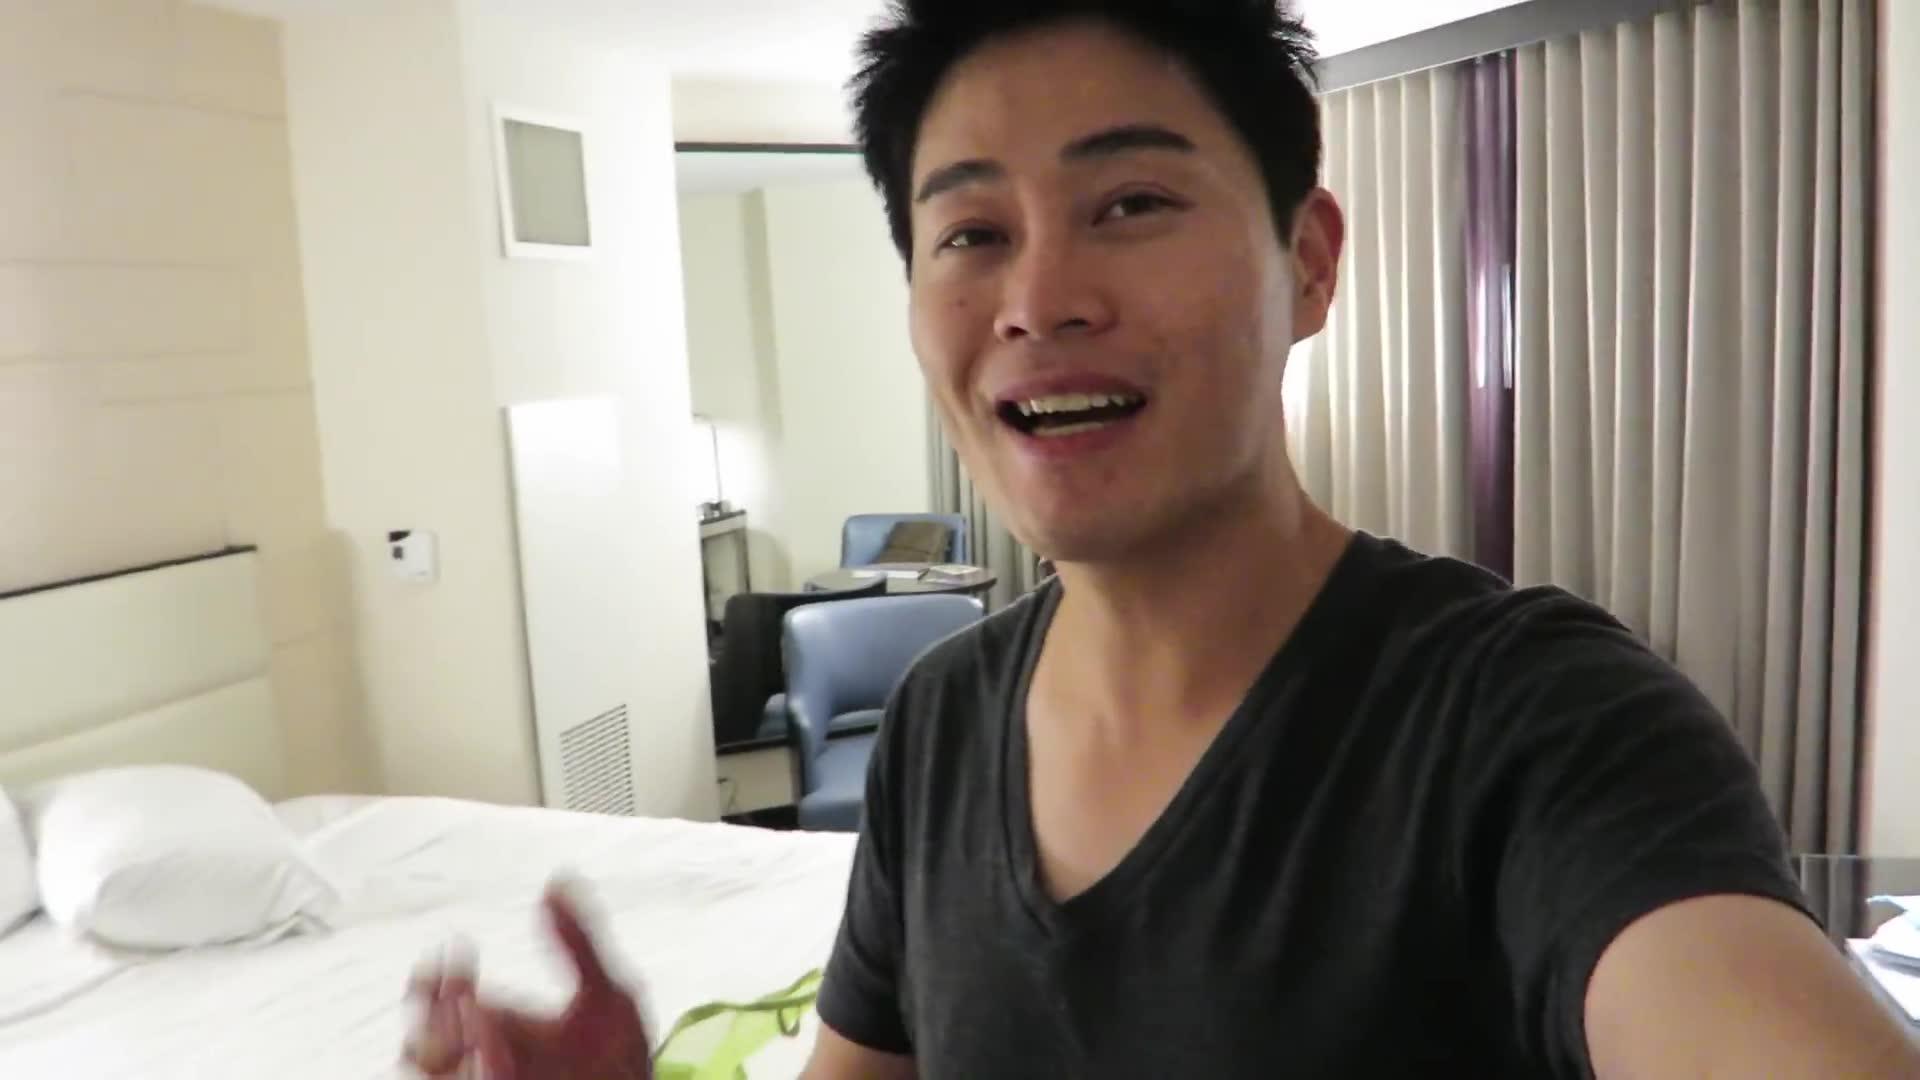 Todo Sobre Corea del Sur Episode 143: Las Vegas Vlog [Todo Sobre Corea del Sur]